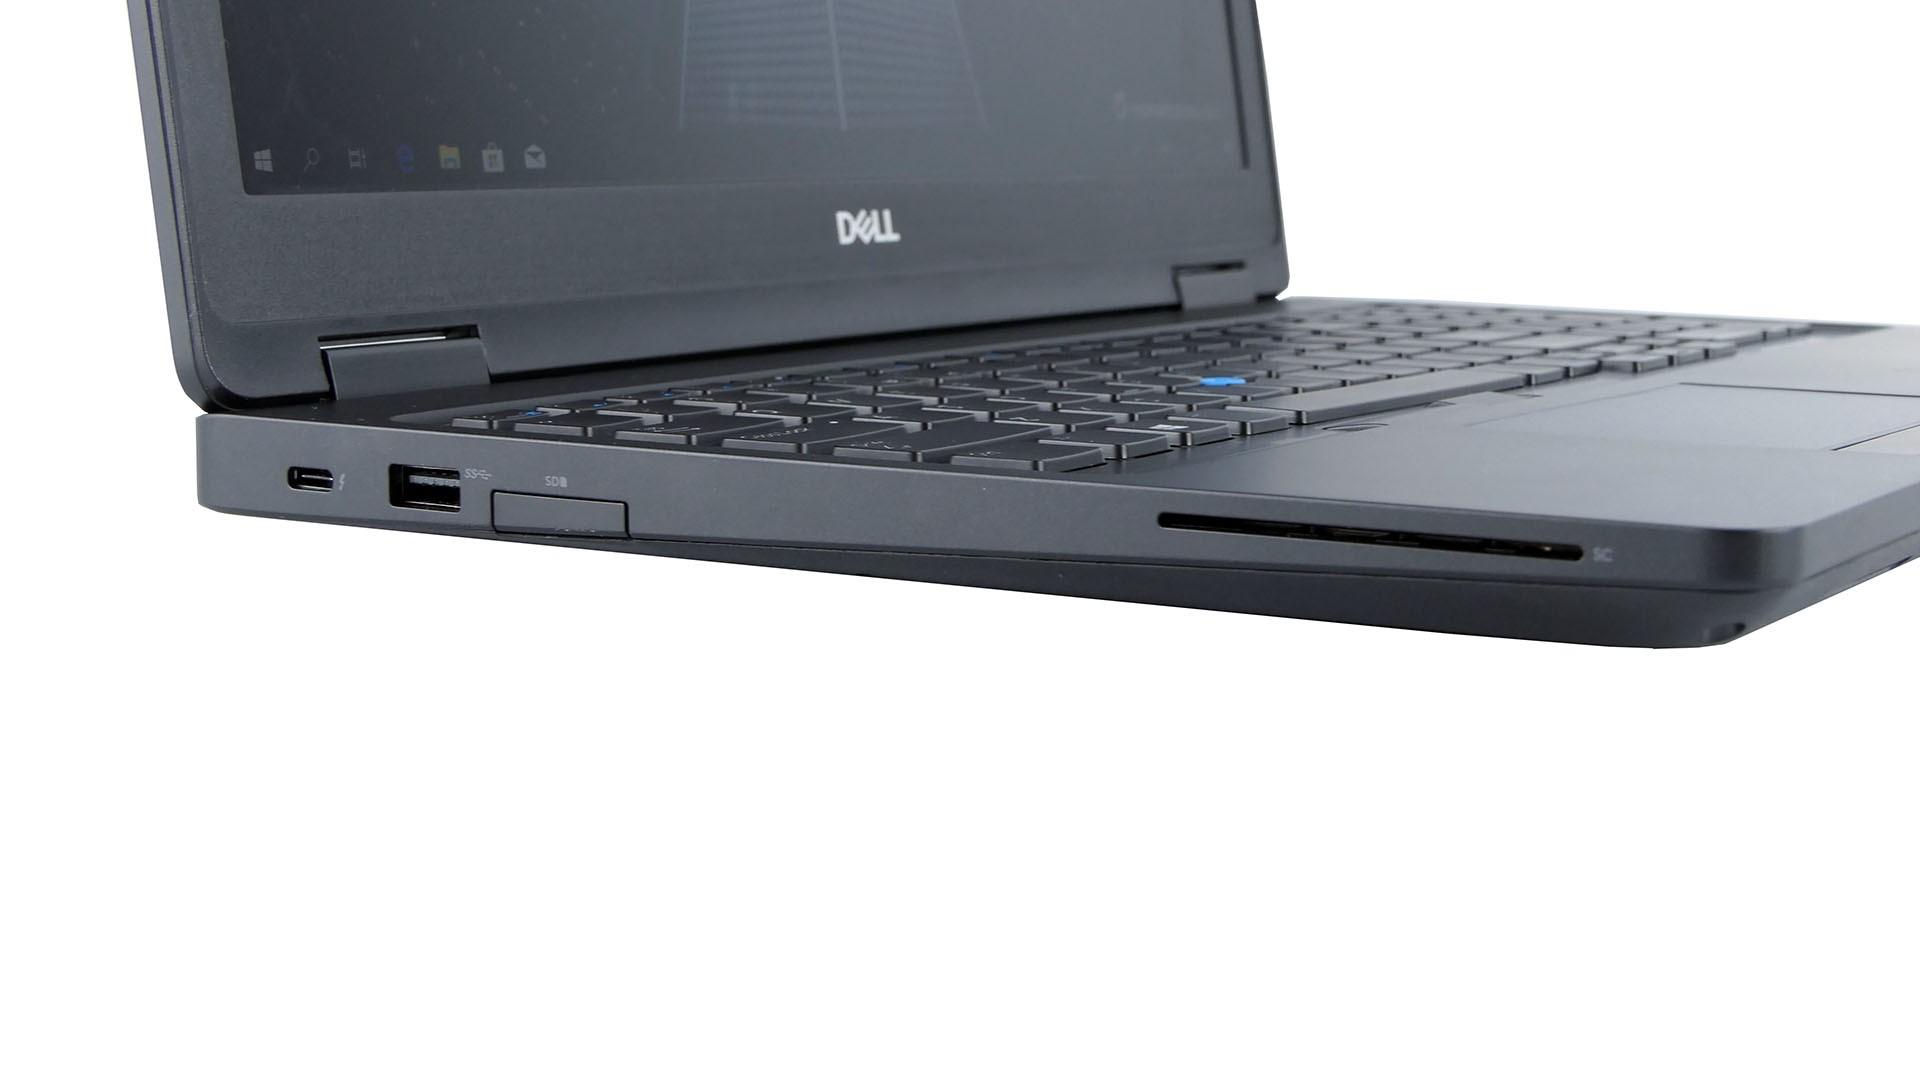 Dell Latitude 5591 - Thunderbolt 3, USB 3.0, czytnik kart pamięci, czytnik Smart Card